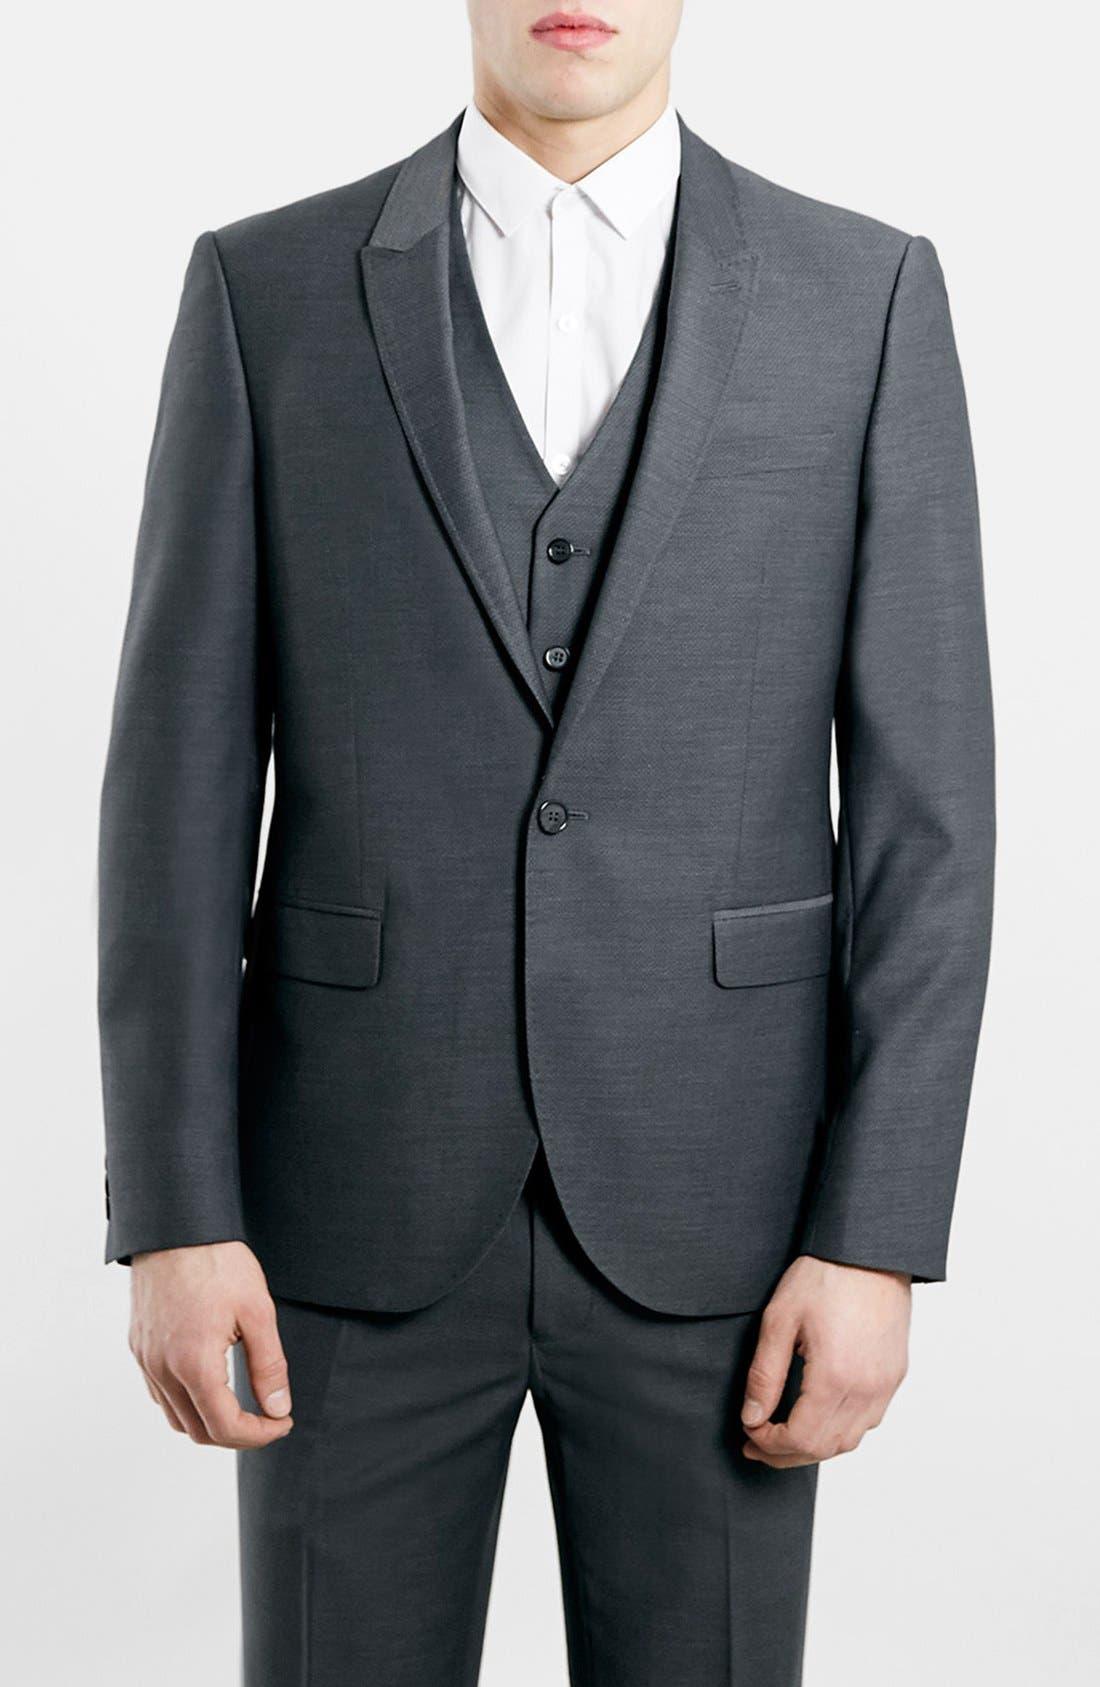 TOPMAN Slim Fit Grey Diamond Texture Suit Jacket, Main, color, 020